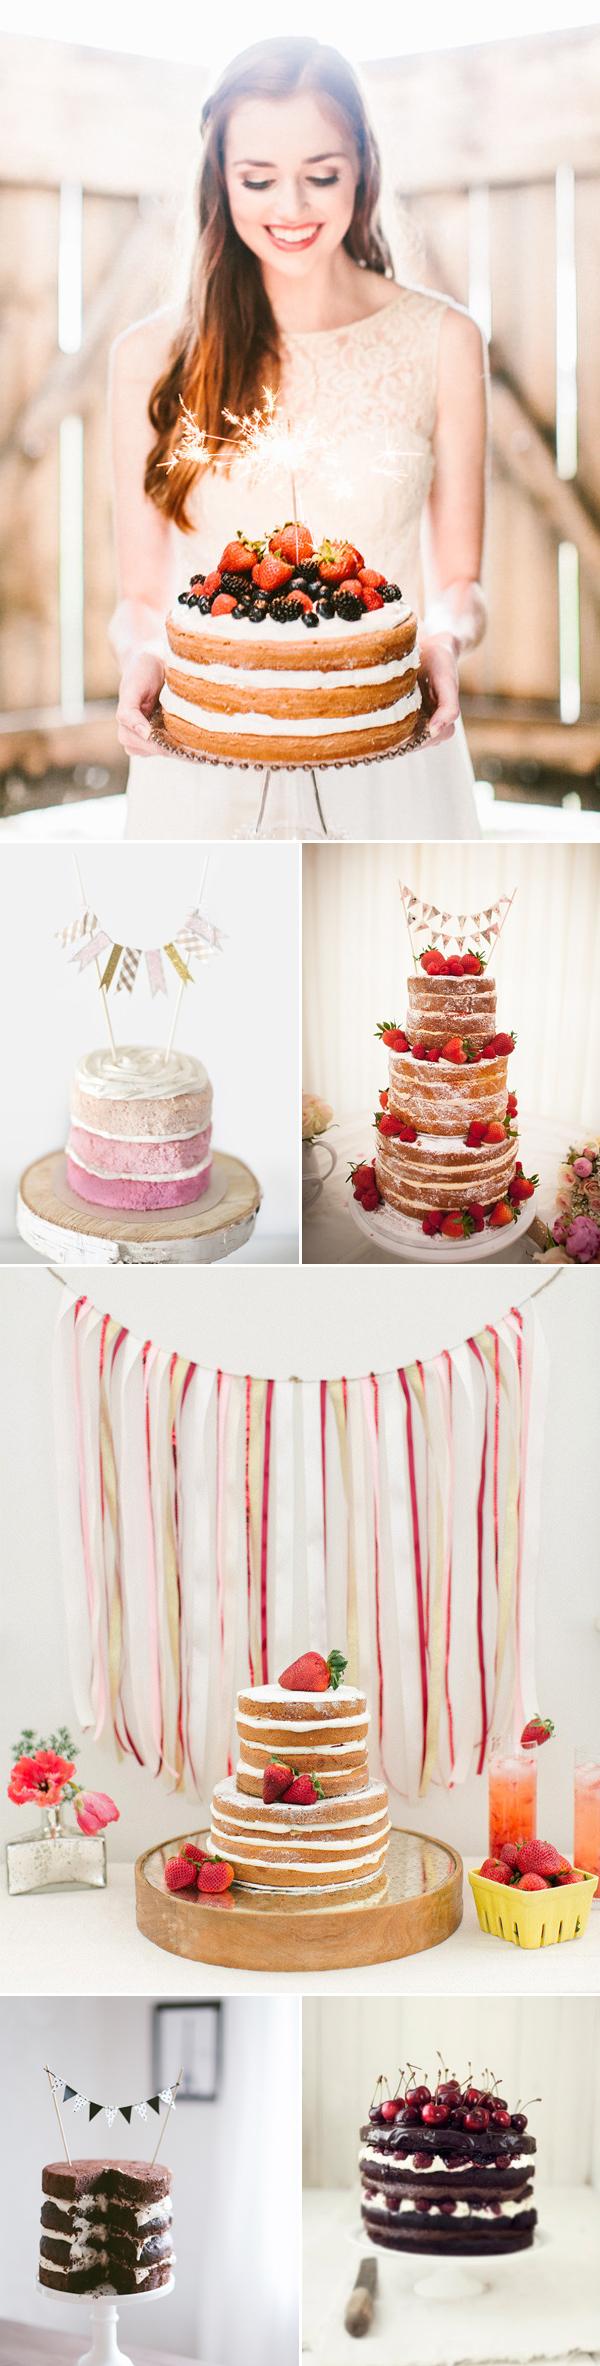 naked wedding cake Nagi tort (2)